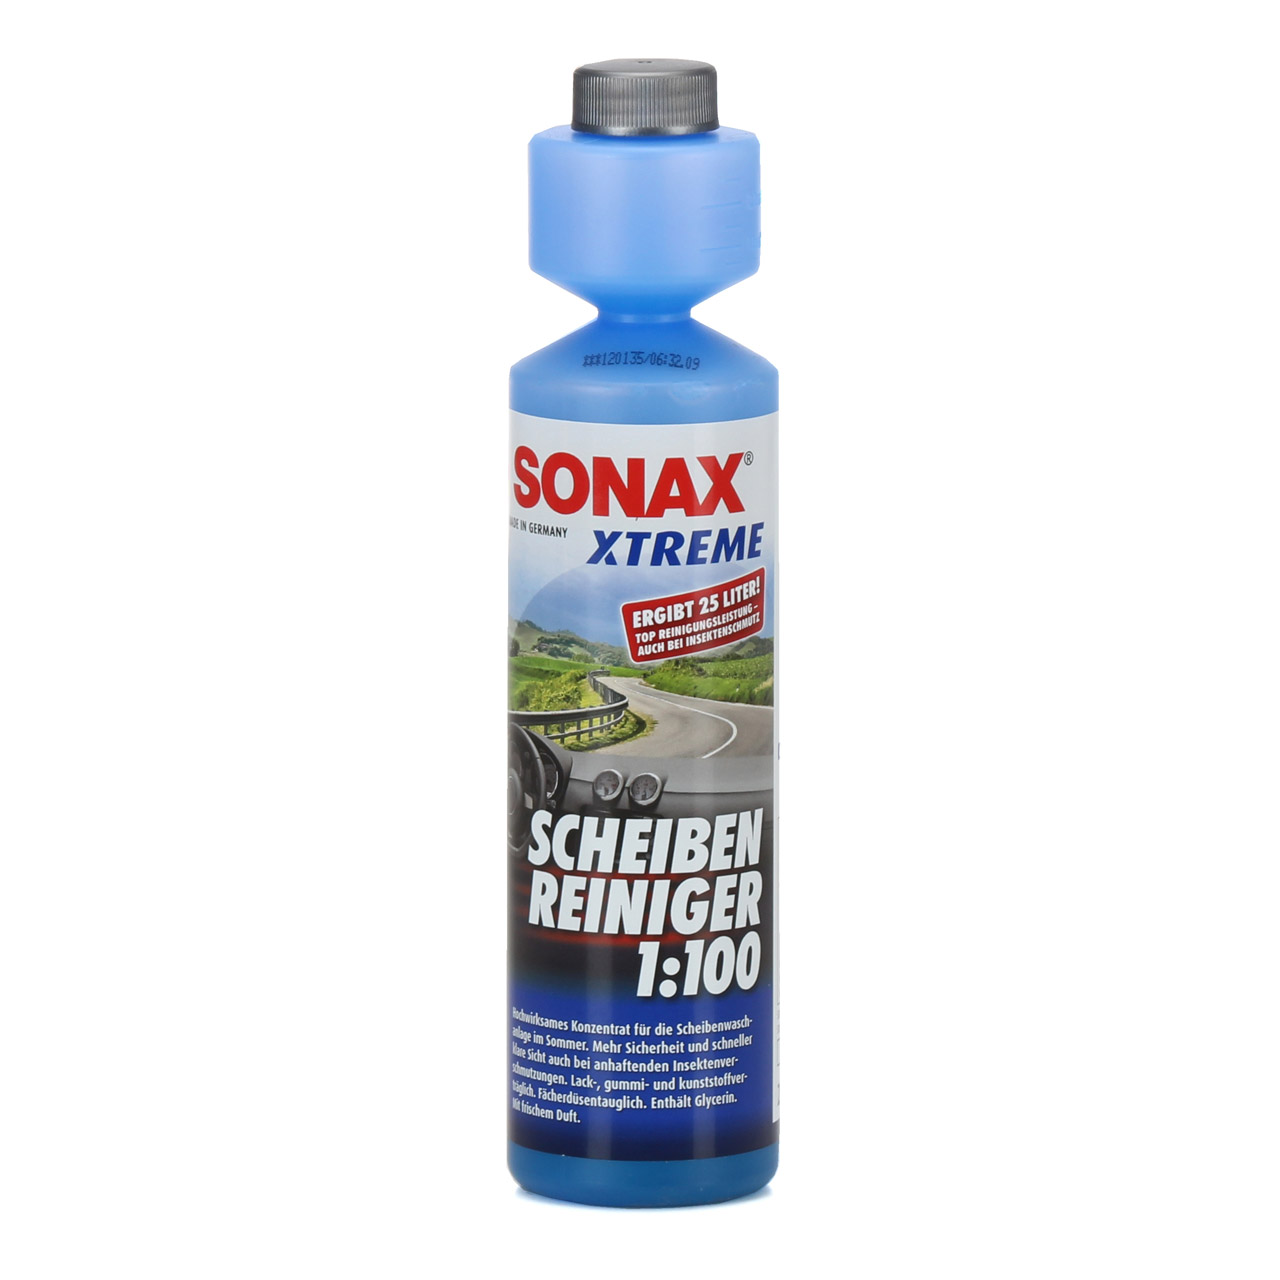 SONAX 271141 XTREME Scheiben Reiniger 1:100 NanoPro Scheiben Klar 250ml